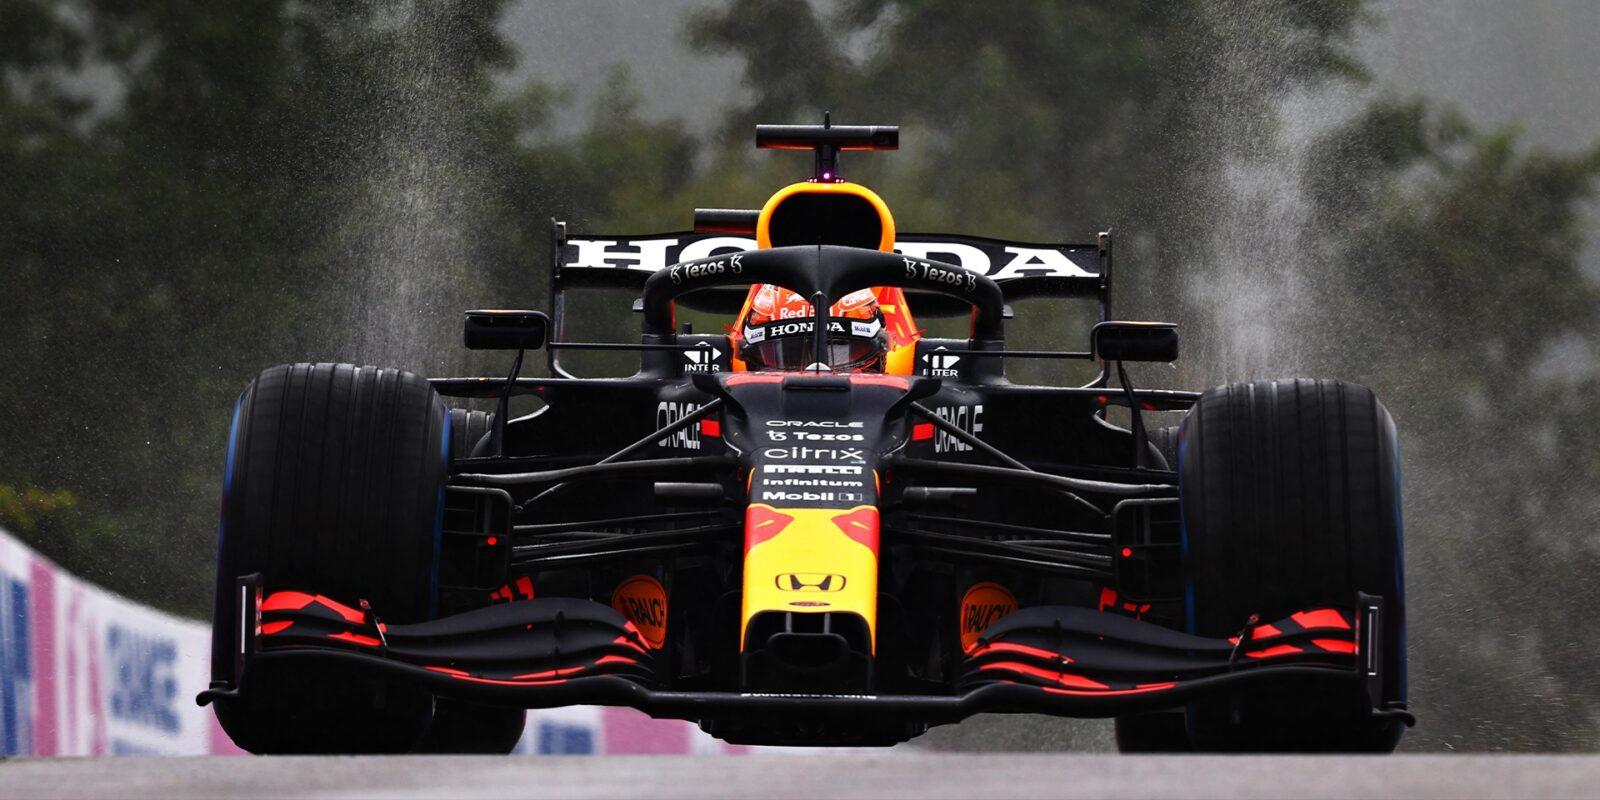 """Závod v Belgii, který se """"nejel"""", vyhrál Max Verstappen"""